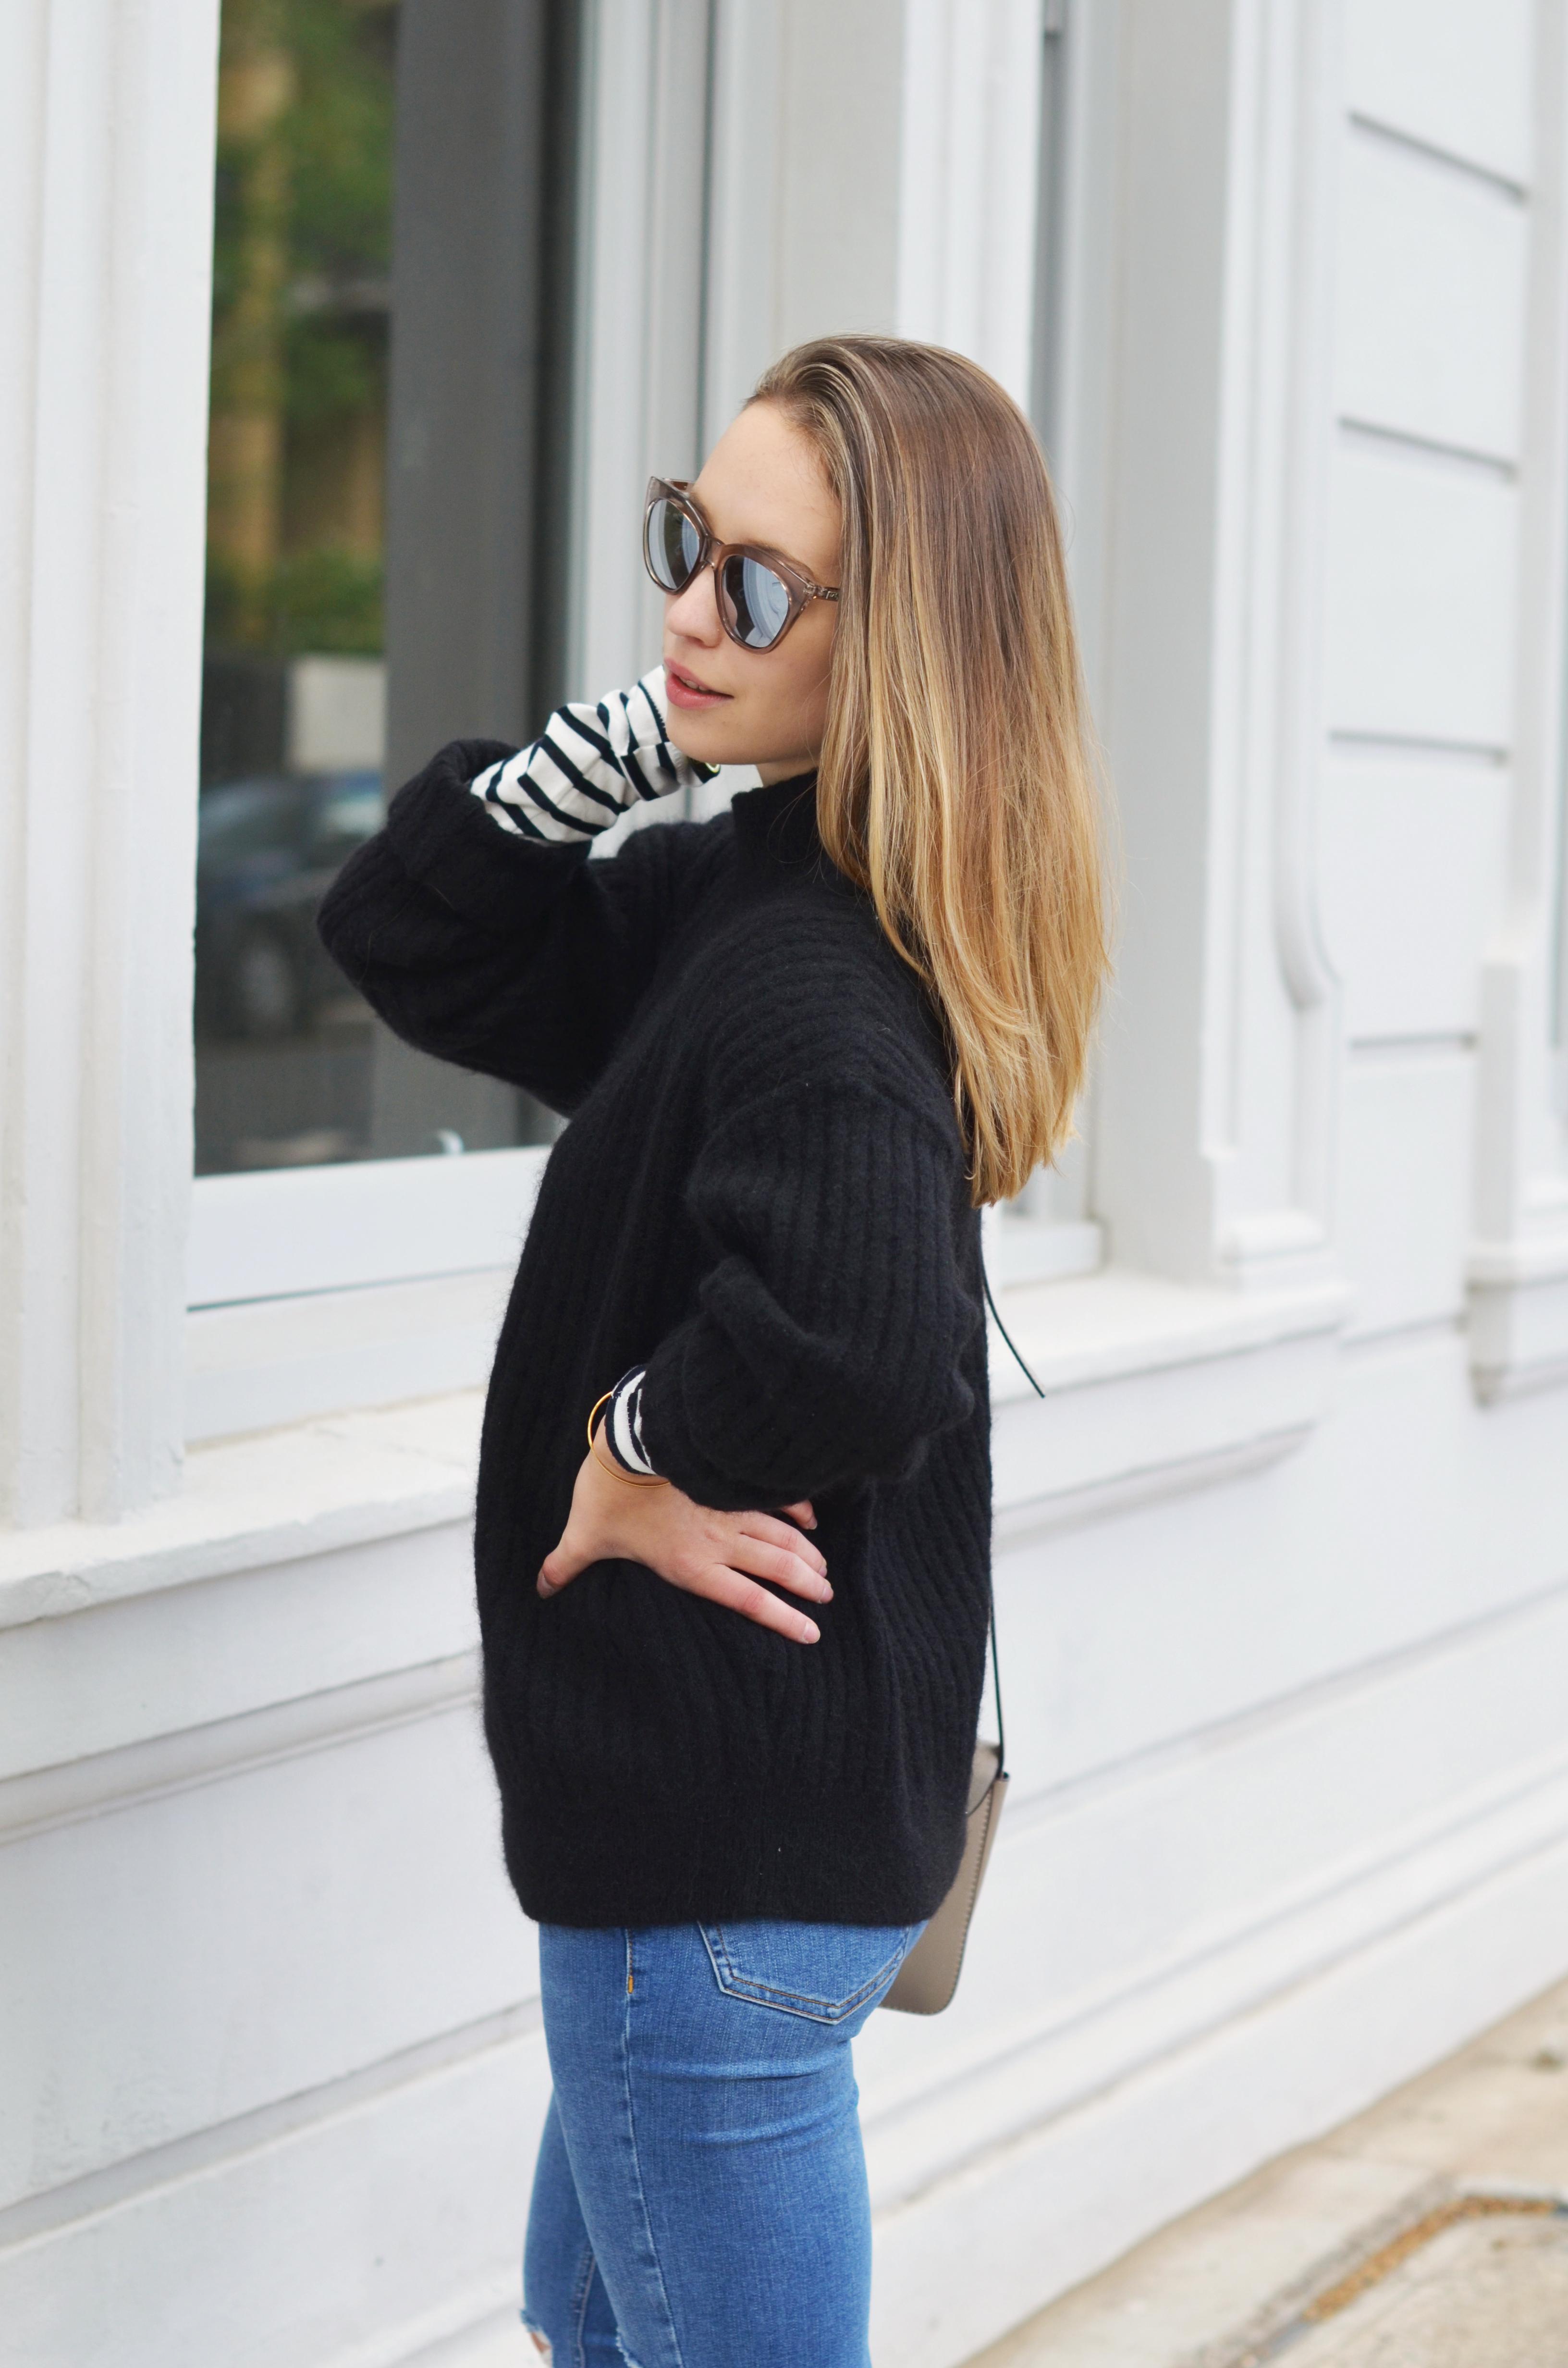 schwarzer-wollpullover-von-h&m-mit-röhrenjeans-und-grauer-tasche-stylemocca